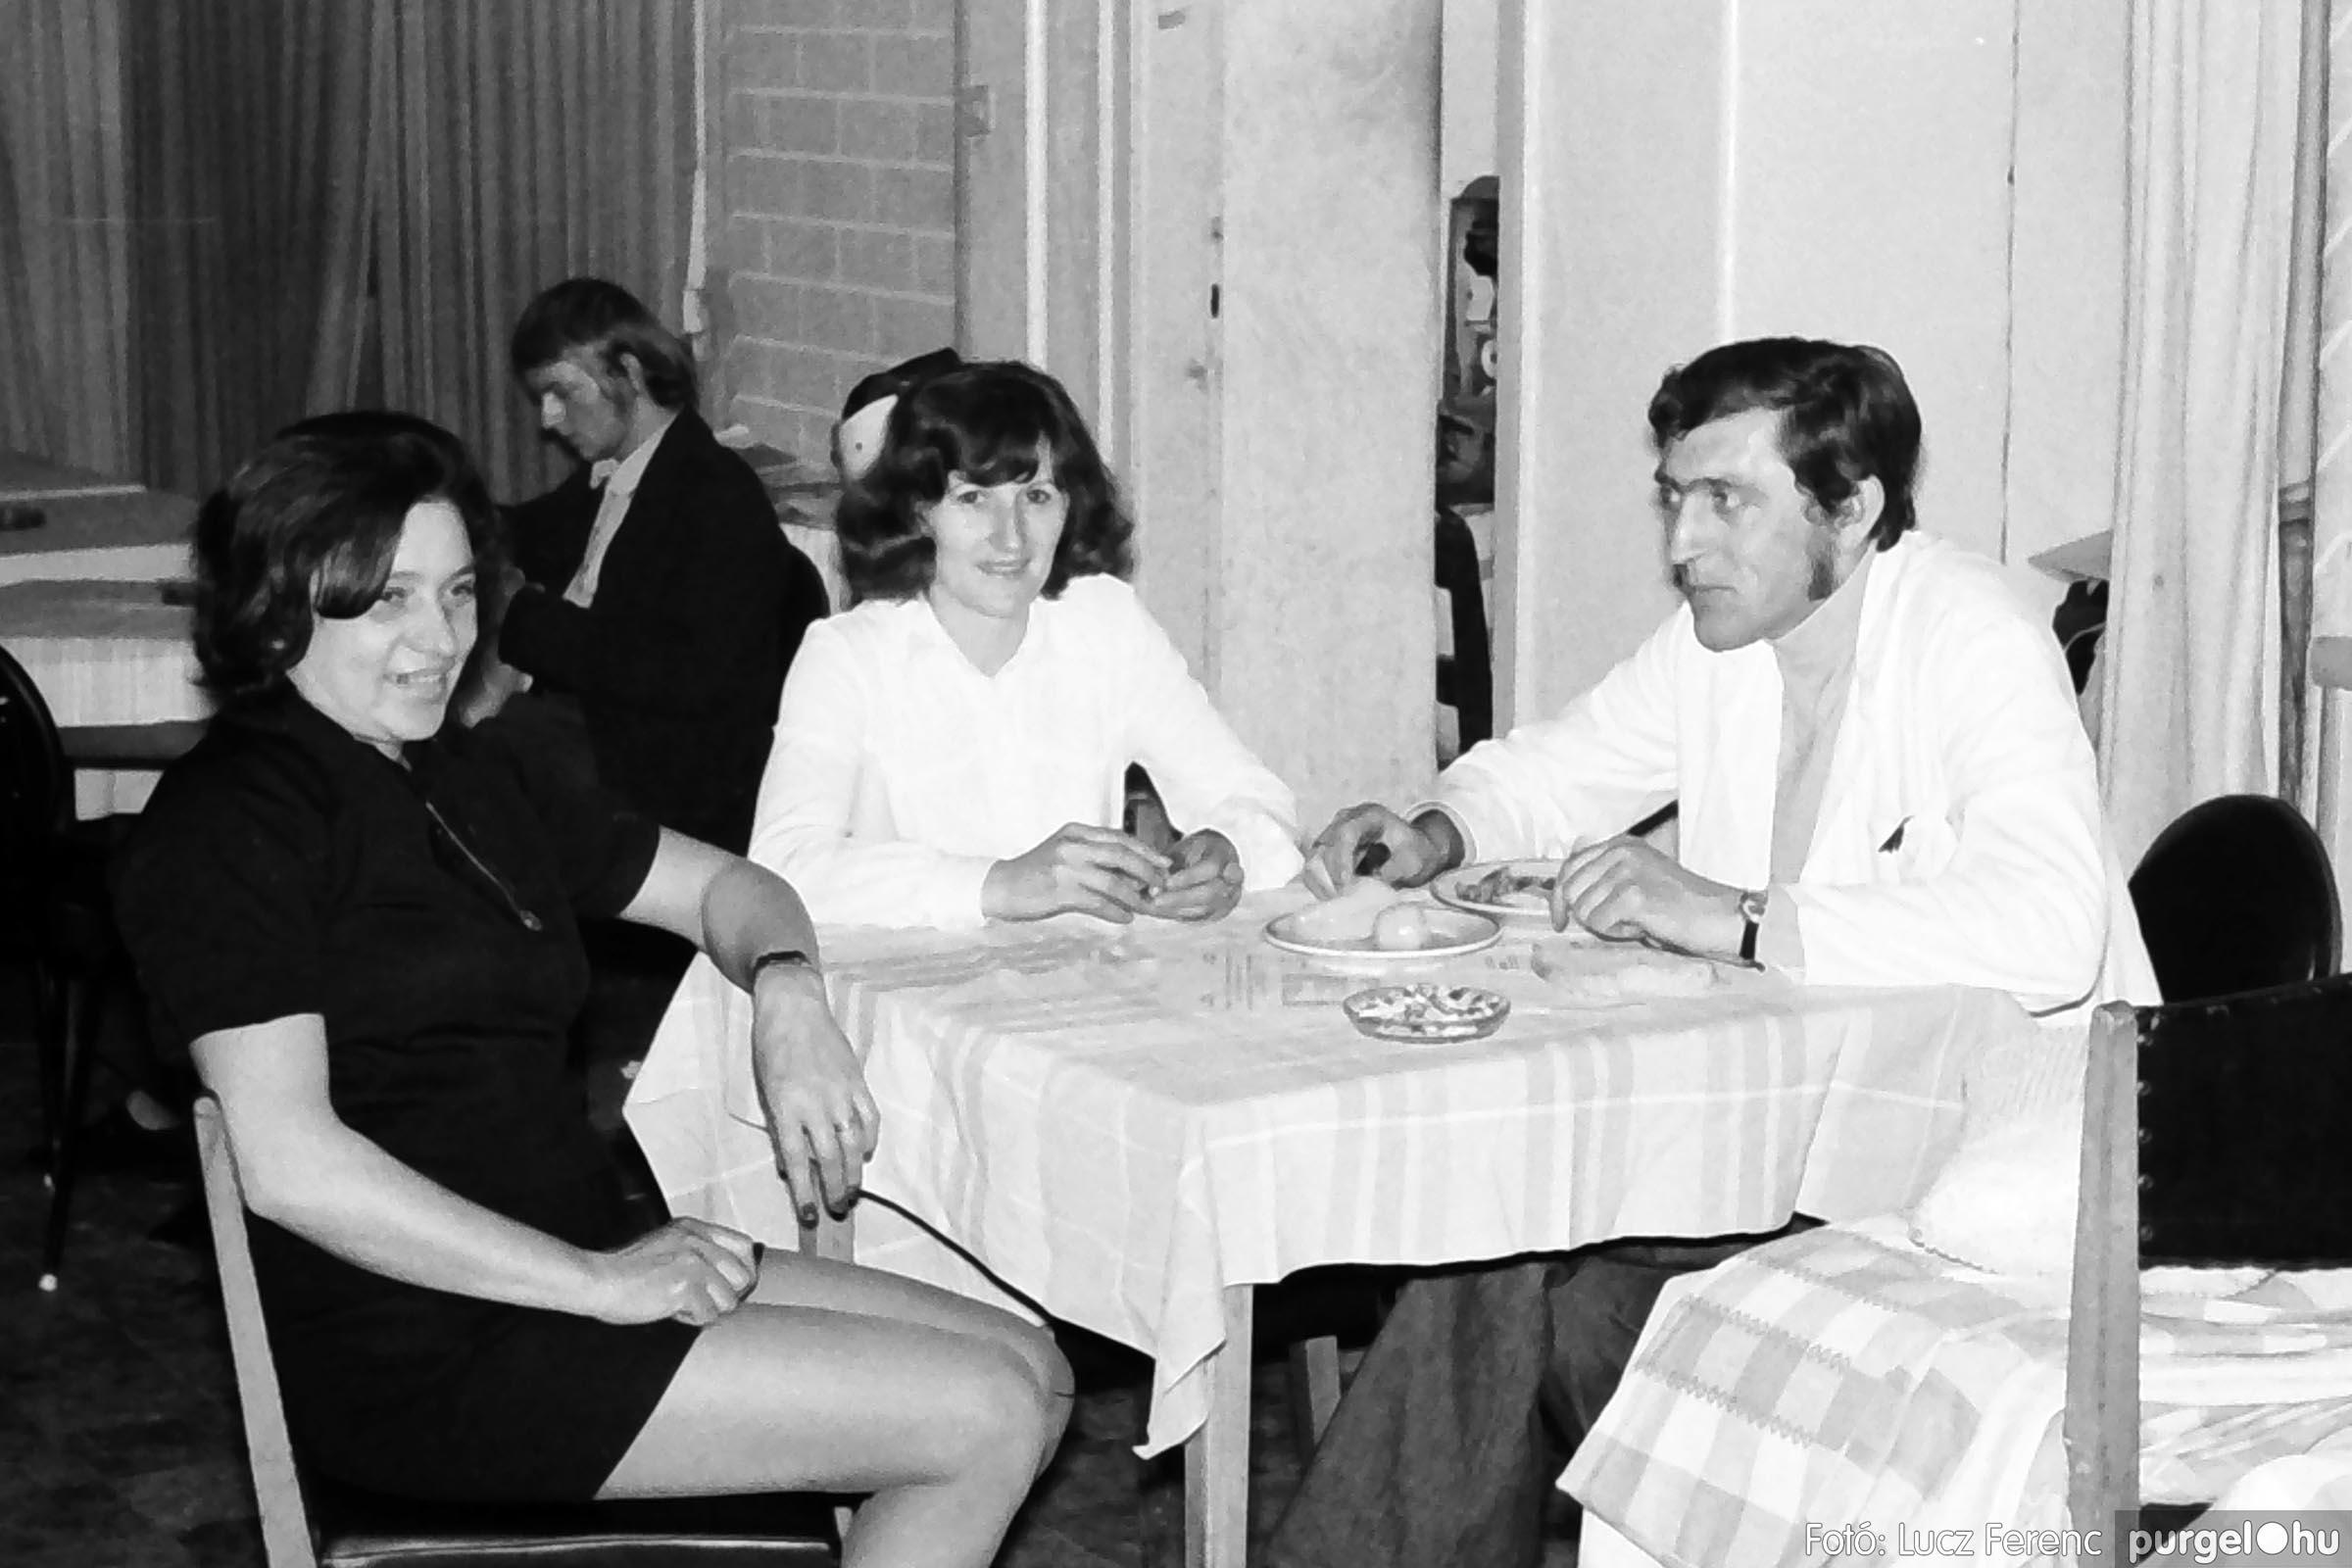 009 1975.04.04. Április 4-i ünnepség utáni fogadás a vendéglőben 011 - Fotó: Lucz Ferenc IMG00182q.jpg